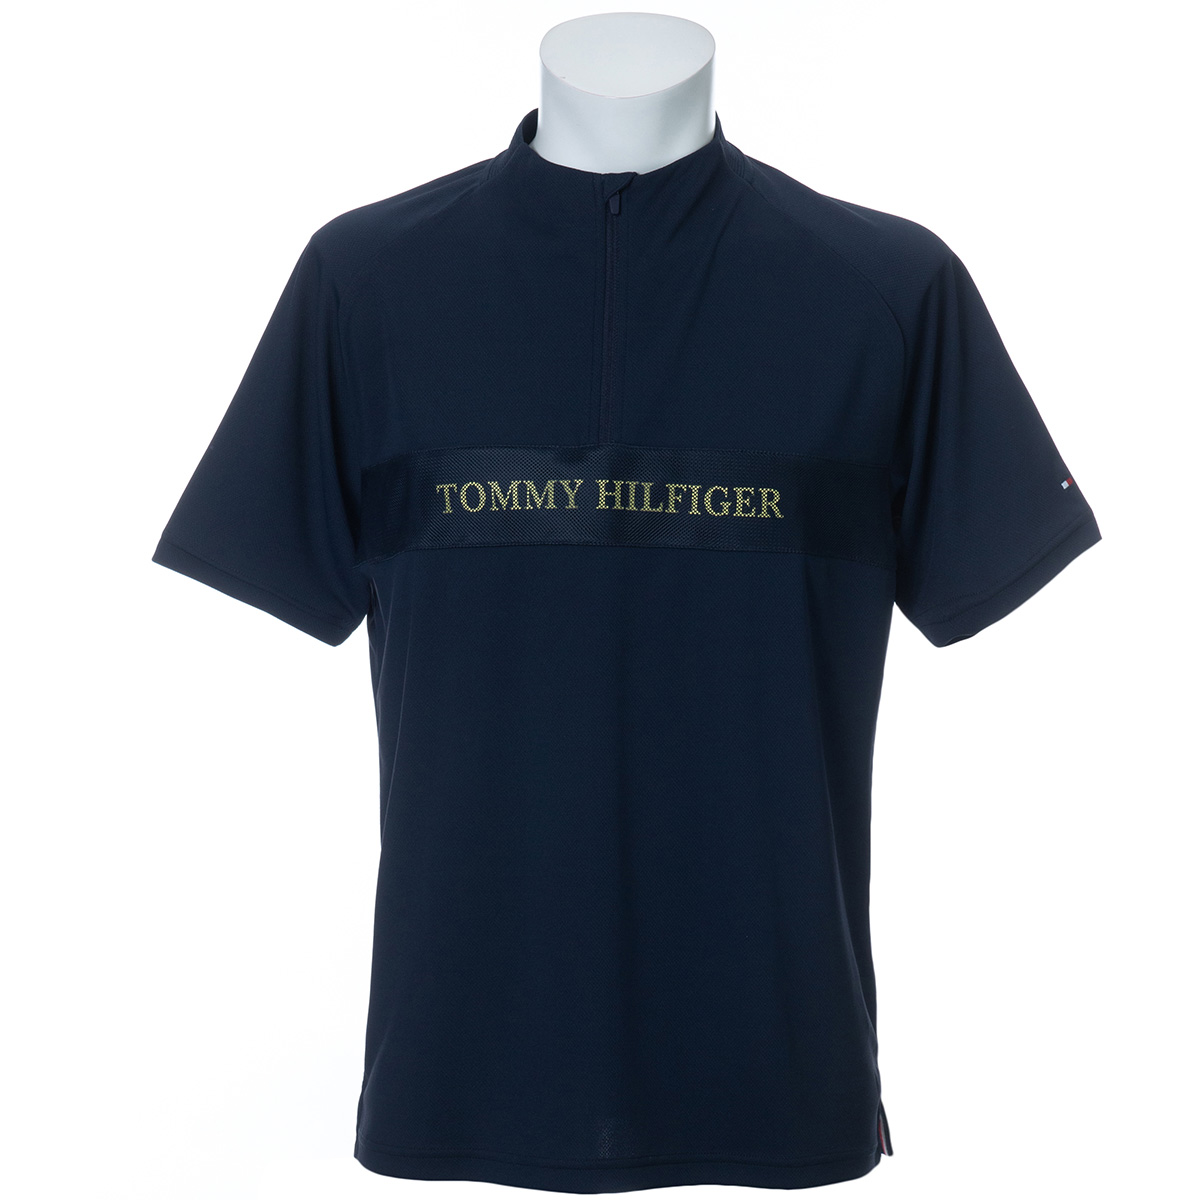 TH ロゴ ハーフジップ半袖シャツ